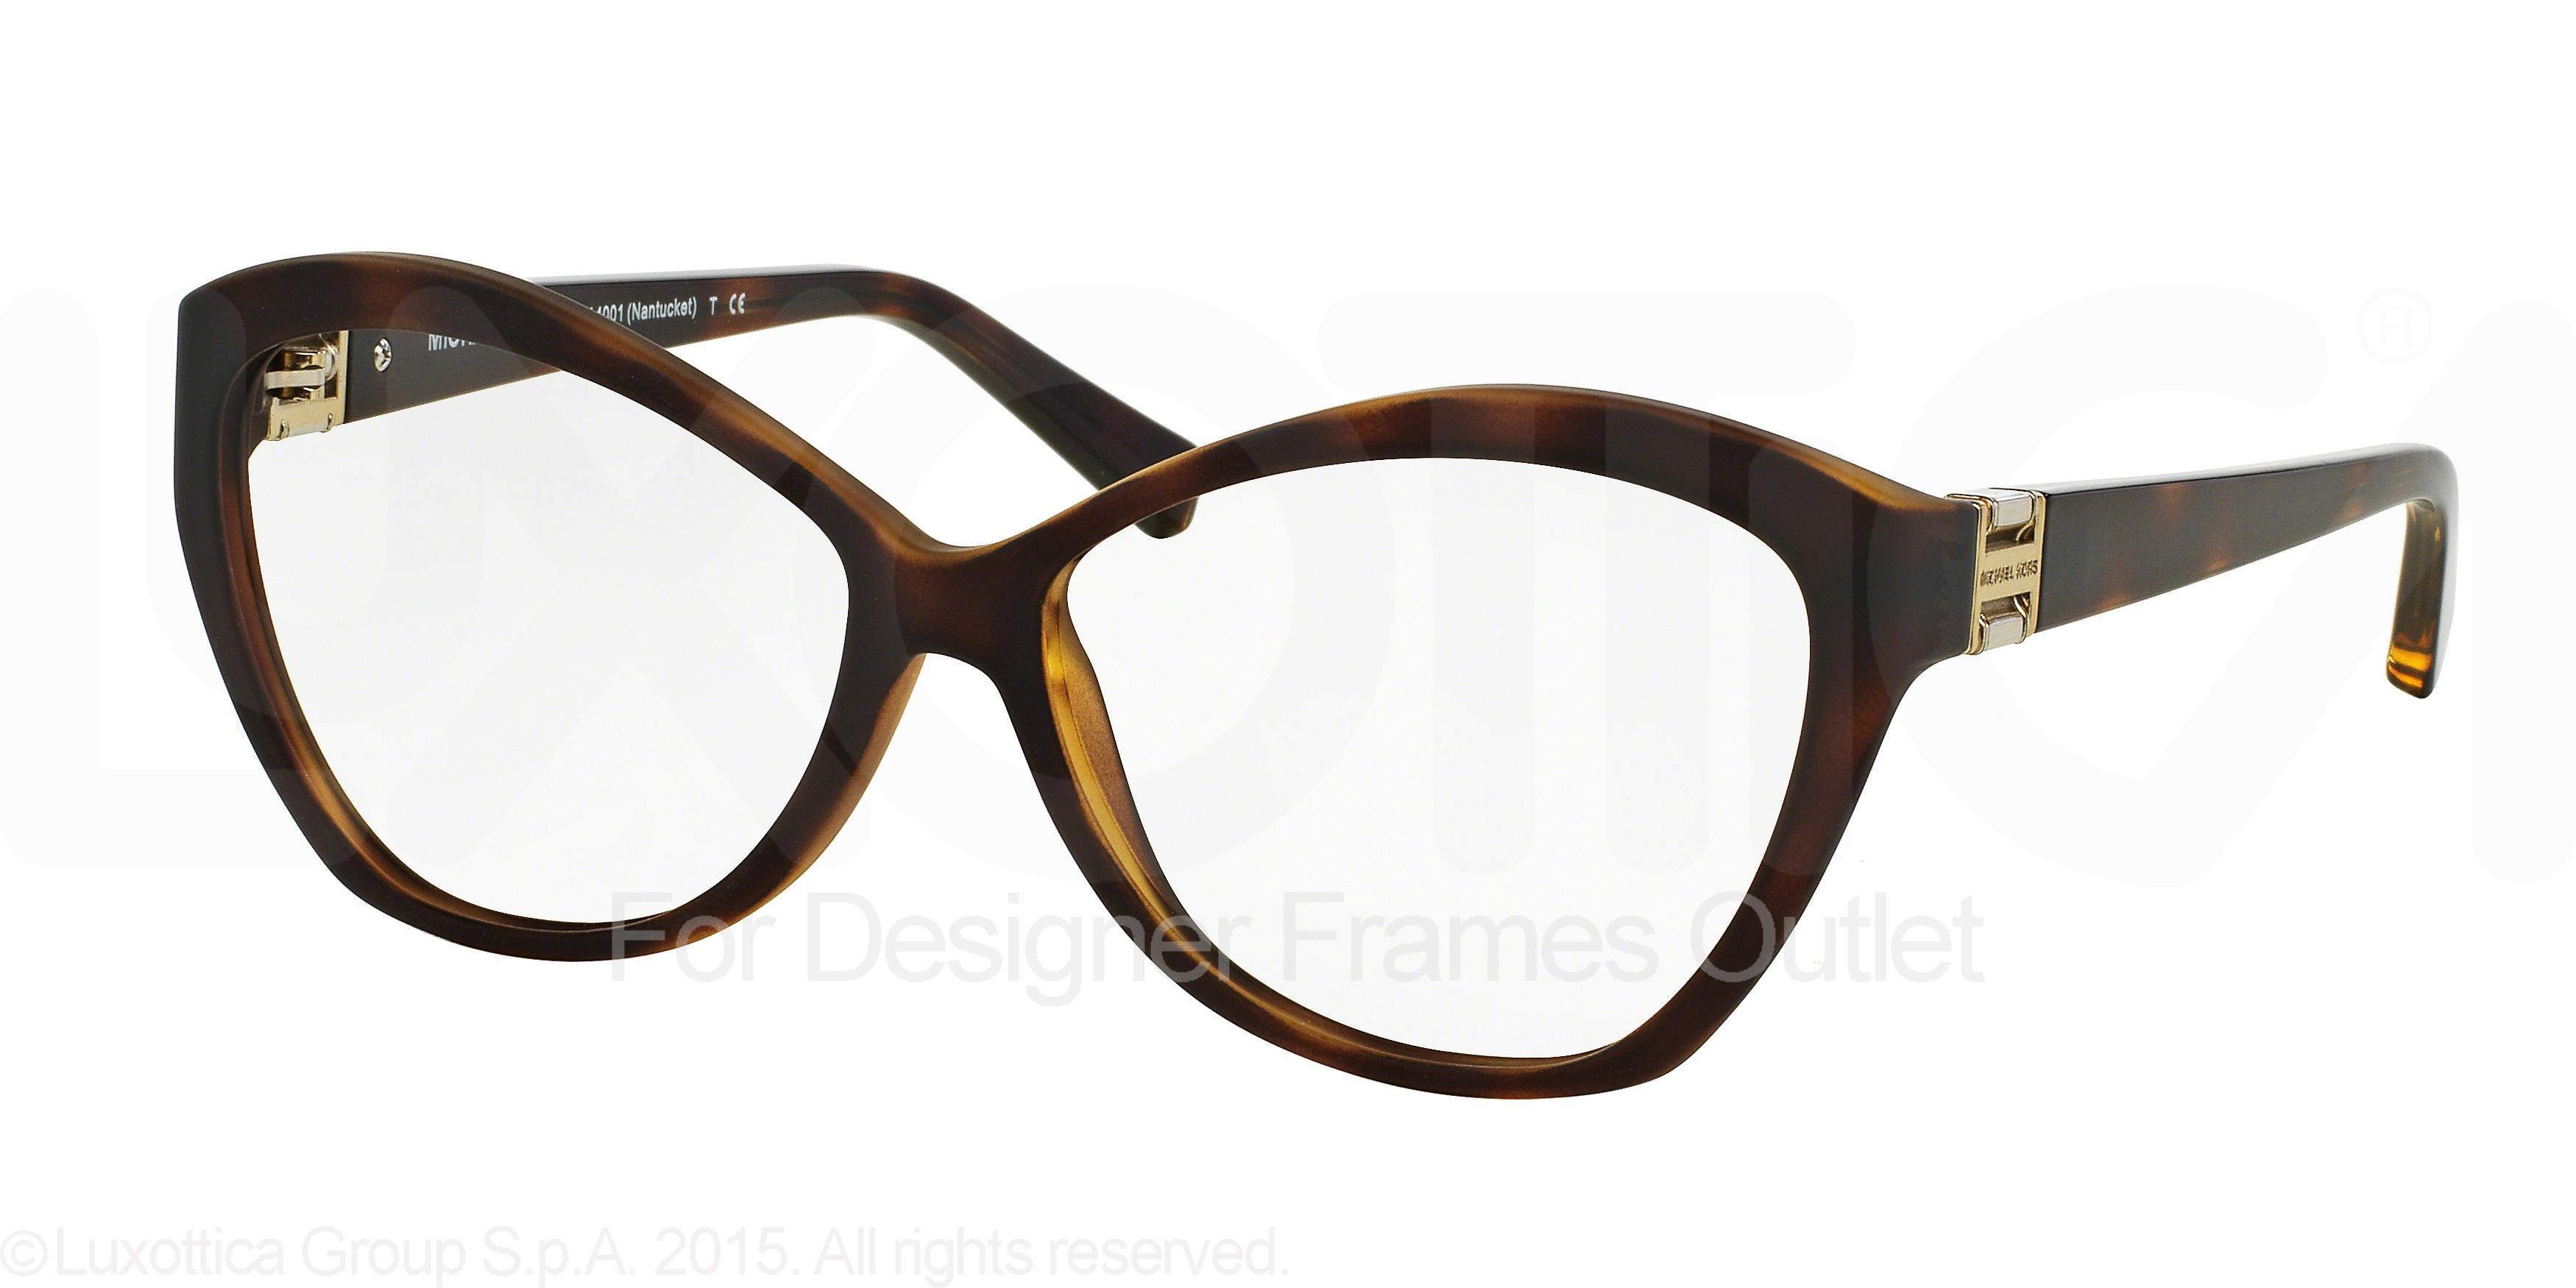 Designer Frames Outlet. Michael Kors MK4001